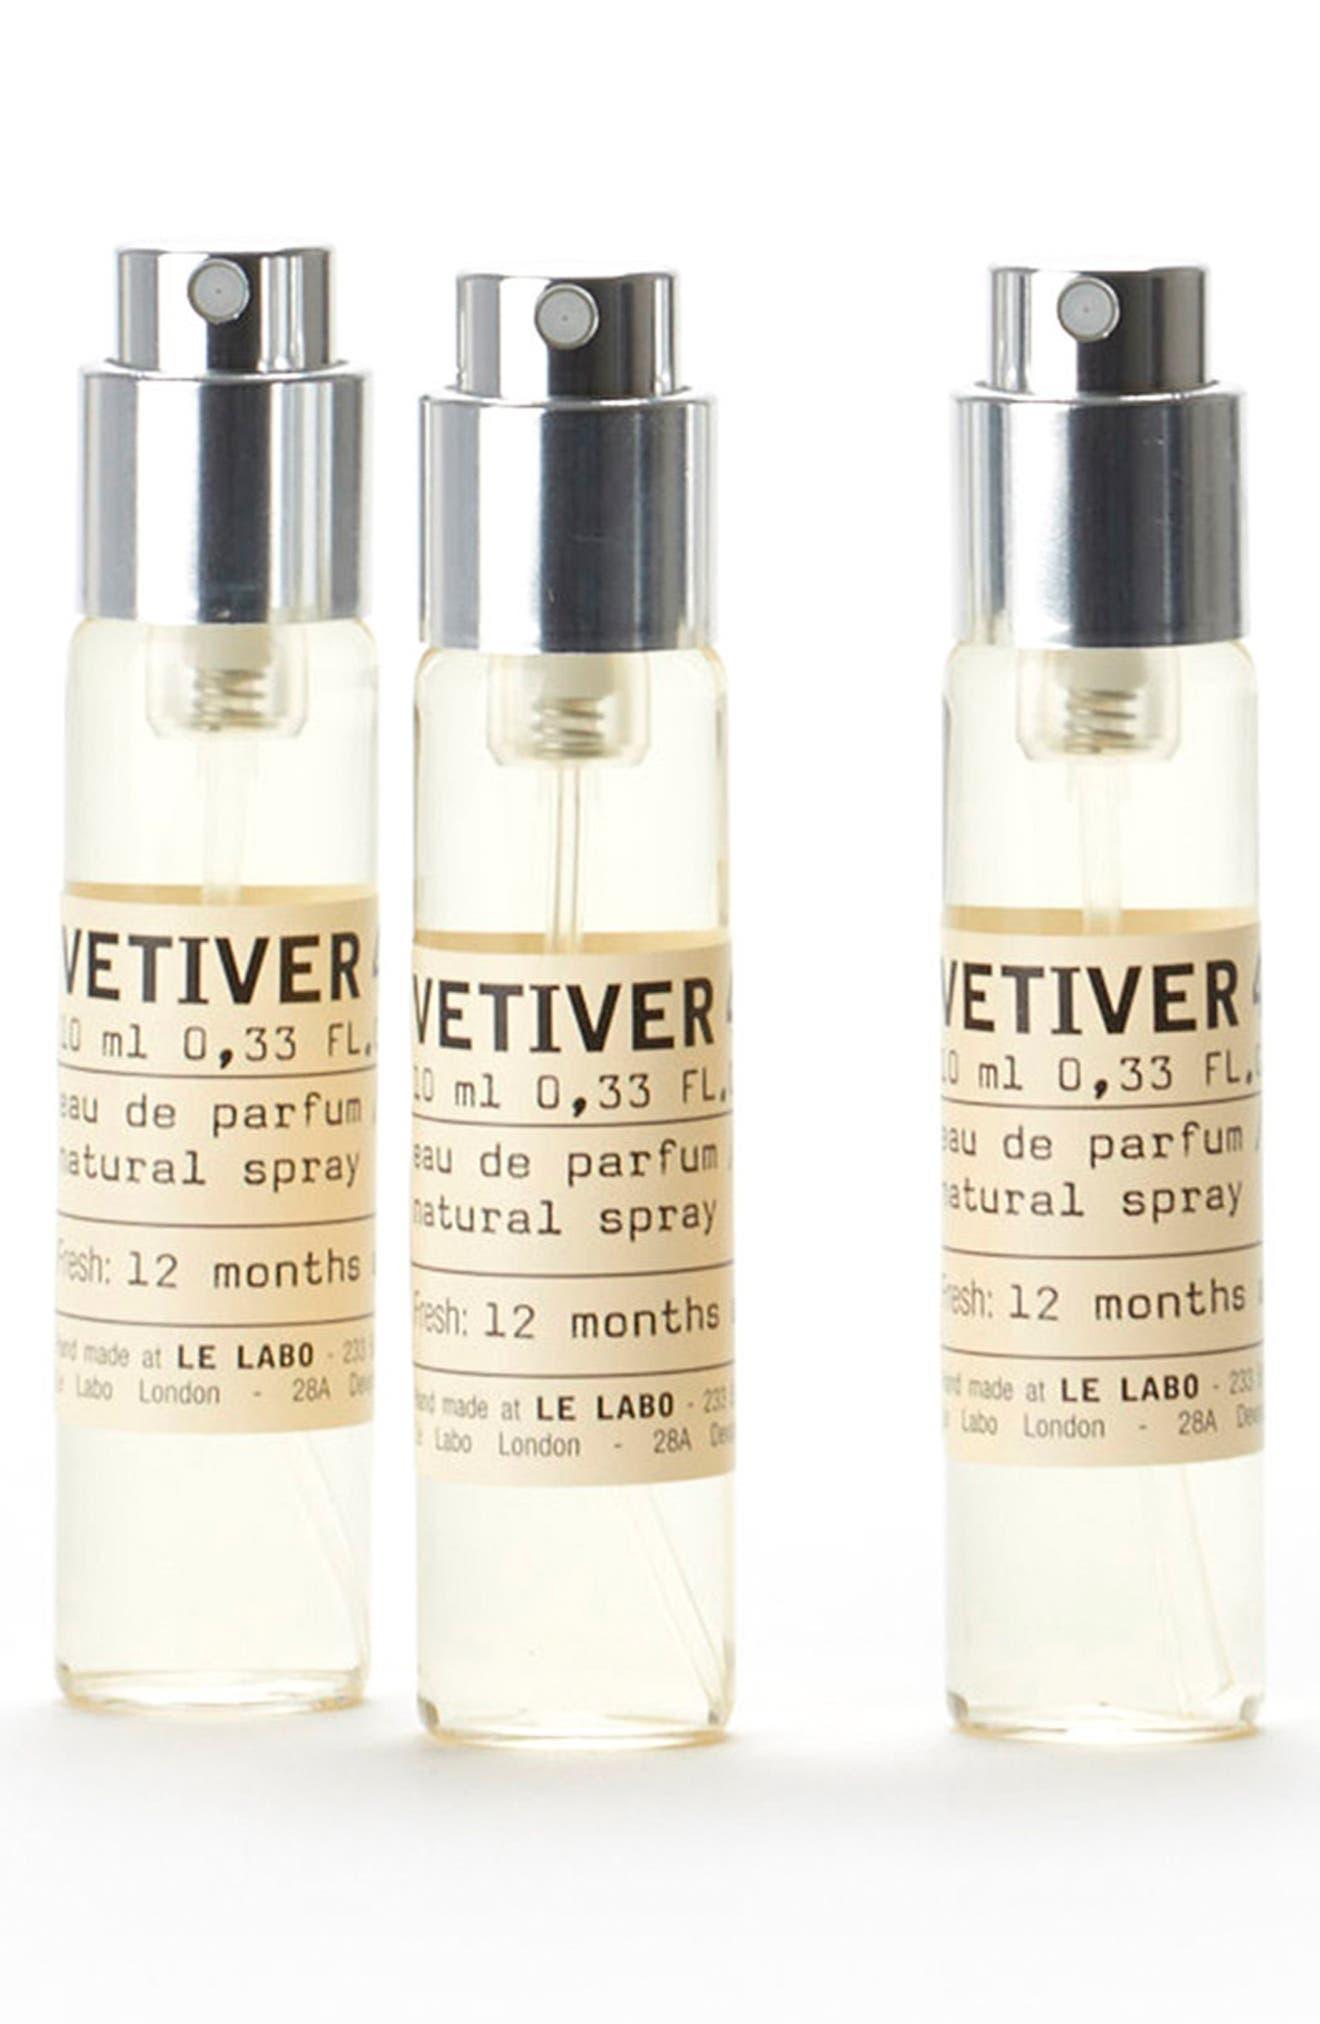 Vetiver 46 Eau De Parfum Travel Tube Refill Trio